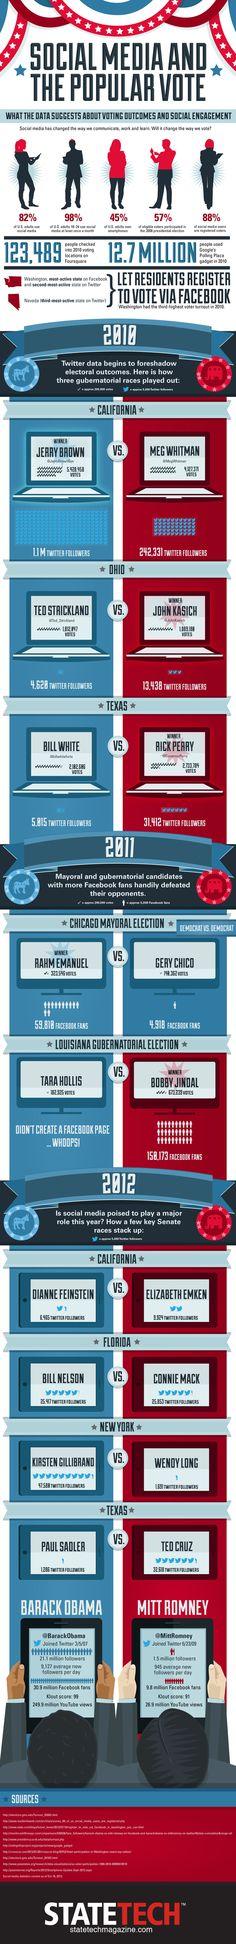 Can Social Media Predict Election Outcomes?